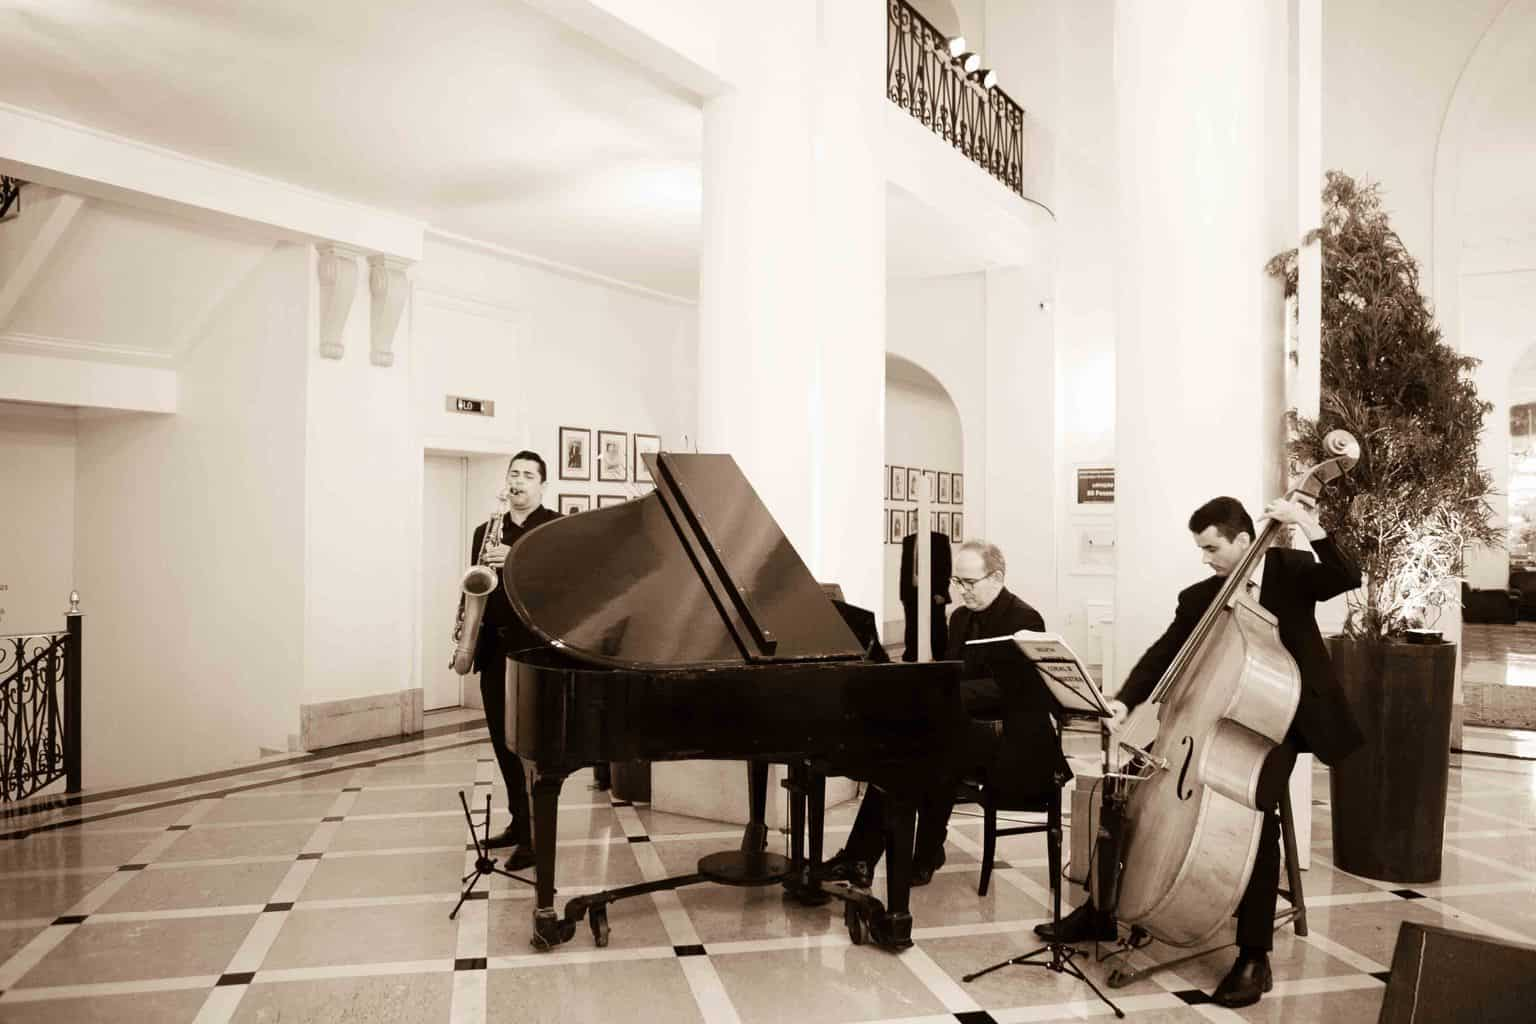 Casamento-Clássico-Casamento-tradicional-Copacabana-Palace-Delfim-Moreira-Monica-Roias-Orquestra-Ribas-Foto-e-Vídeo-Tuanny-e-Bernardo-CaseMe